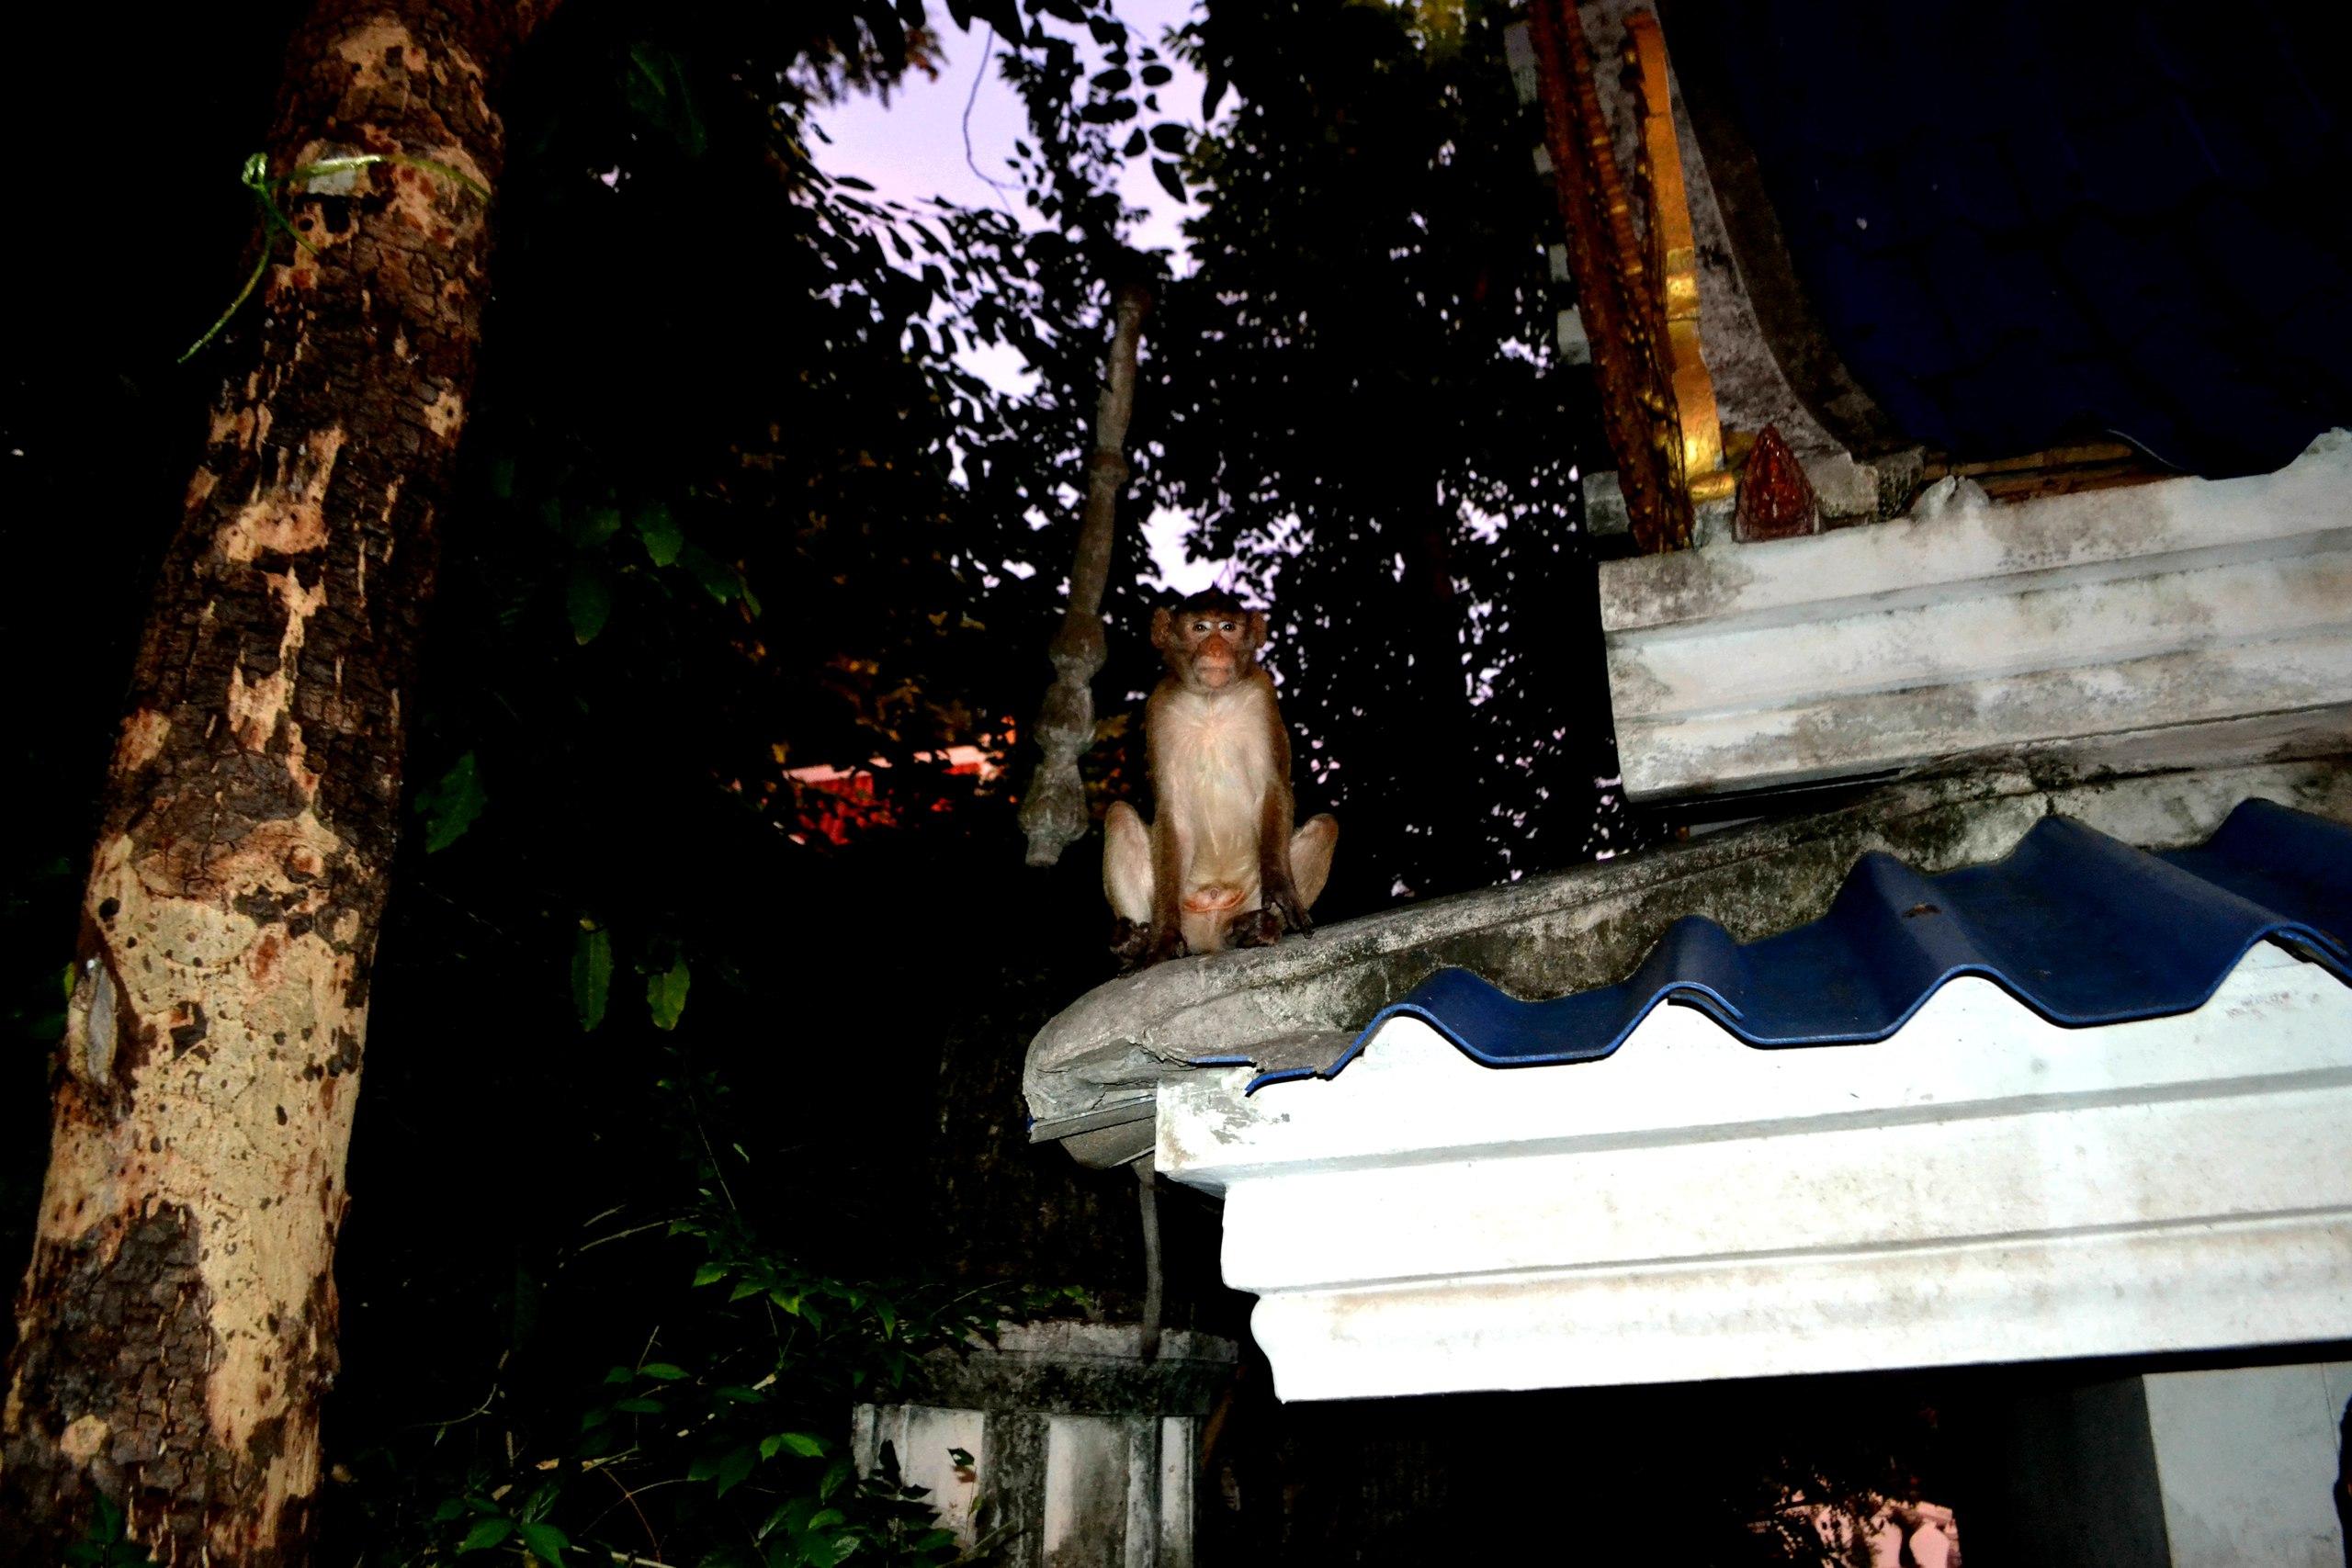 Елена Руденко (Валтея). Таиланд. Таиланд. Paтчaбуpи: Пещера страха, Пещера мышей, Буддийский храм OG3Peebadzw